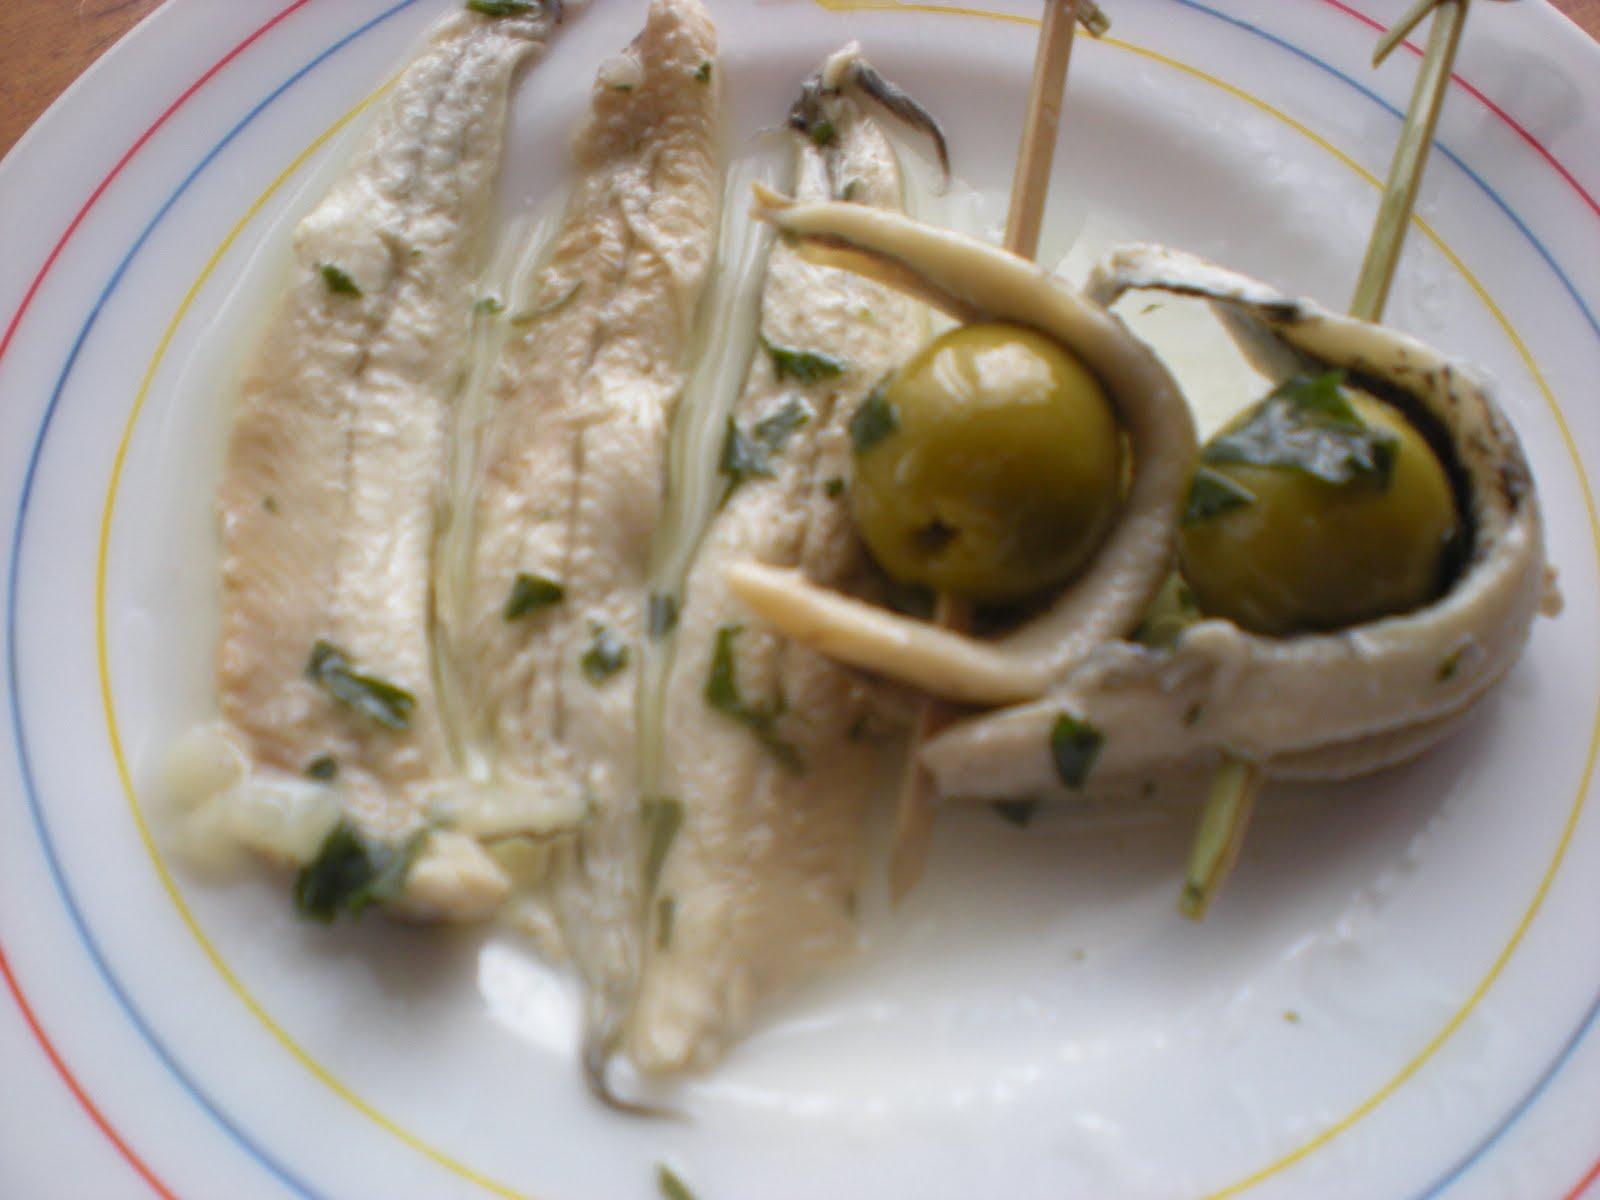 Mis trucos de cocina conservar los boquerones en vinagre - Boquerones en vinagre duros ...